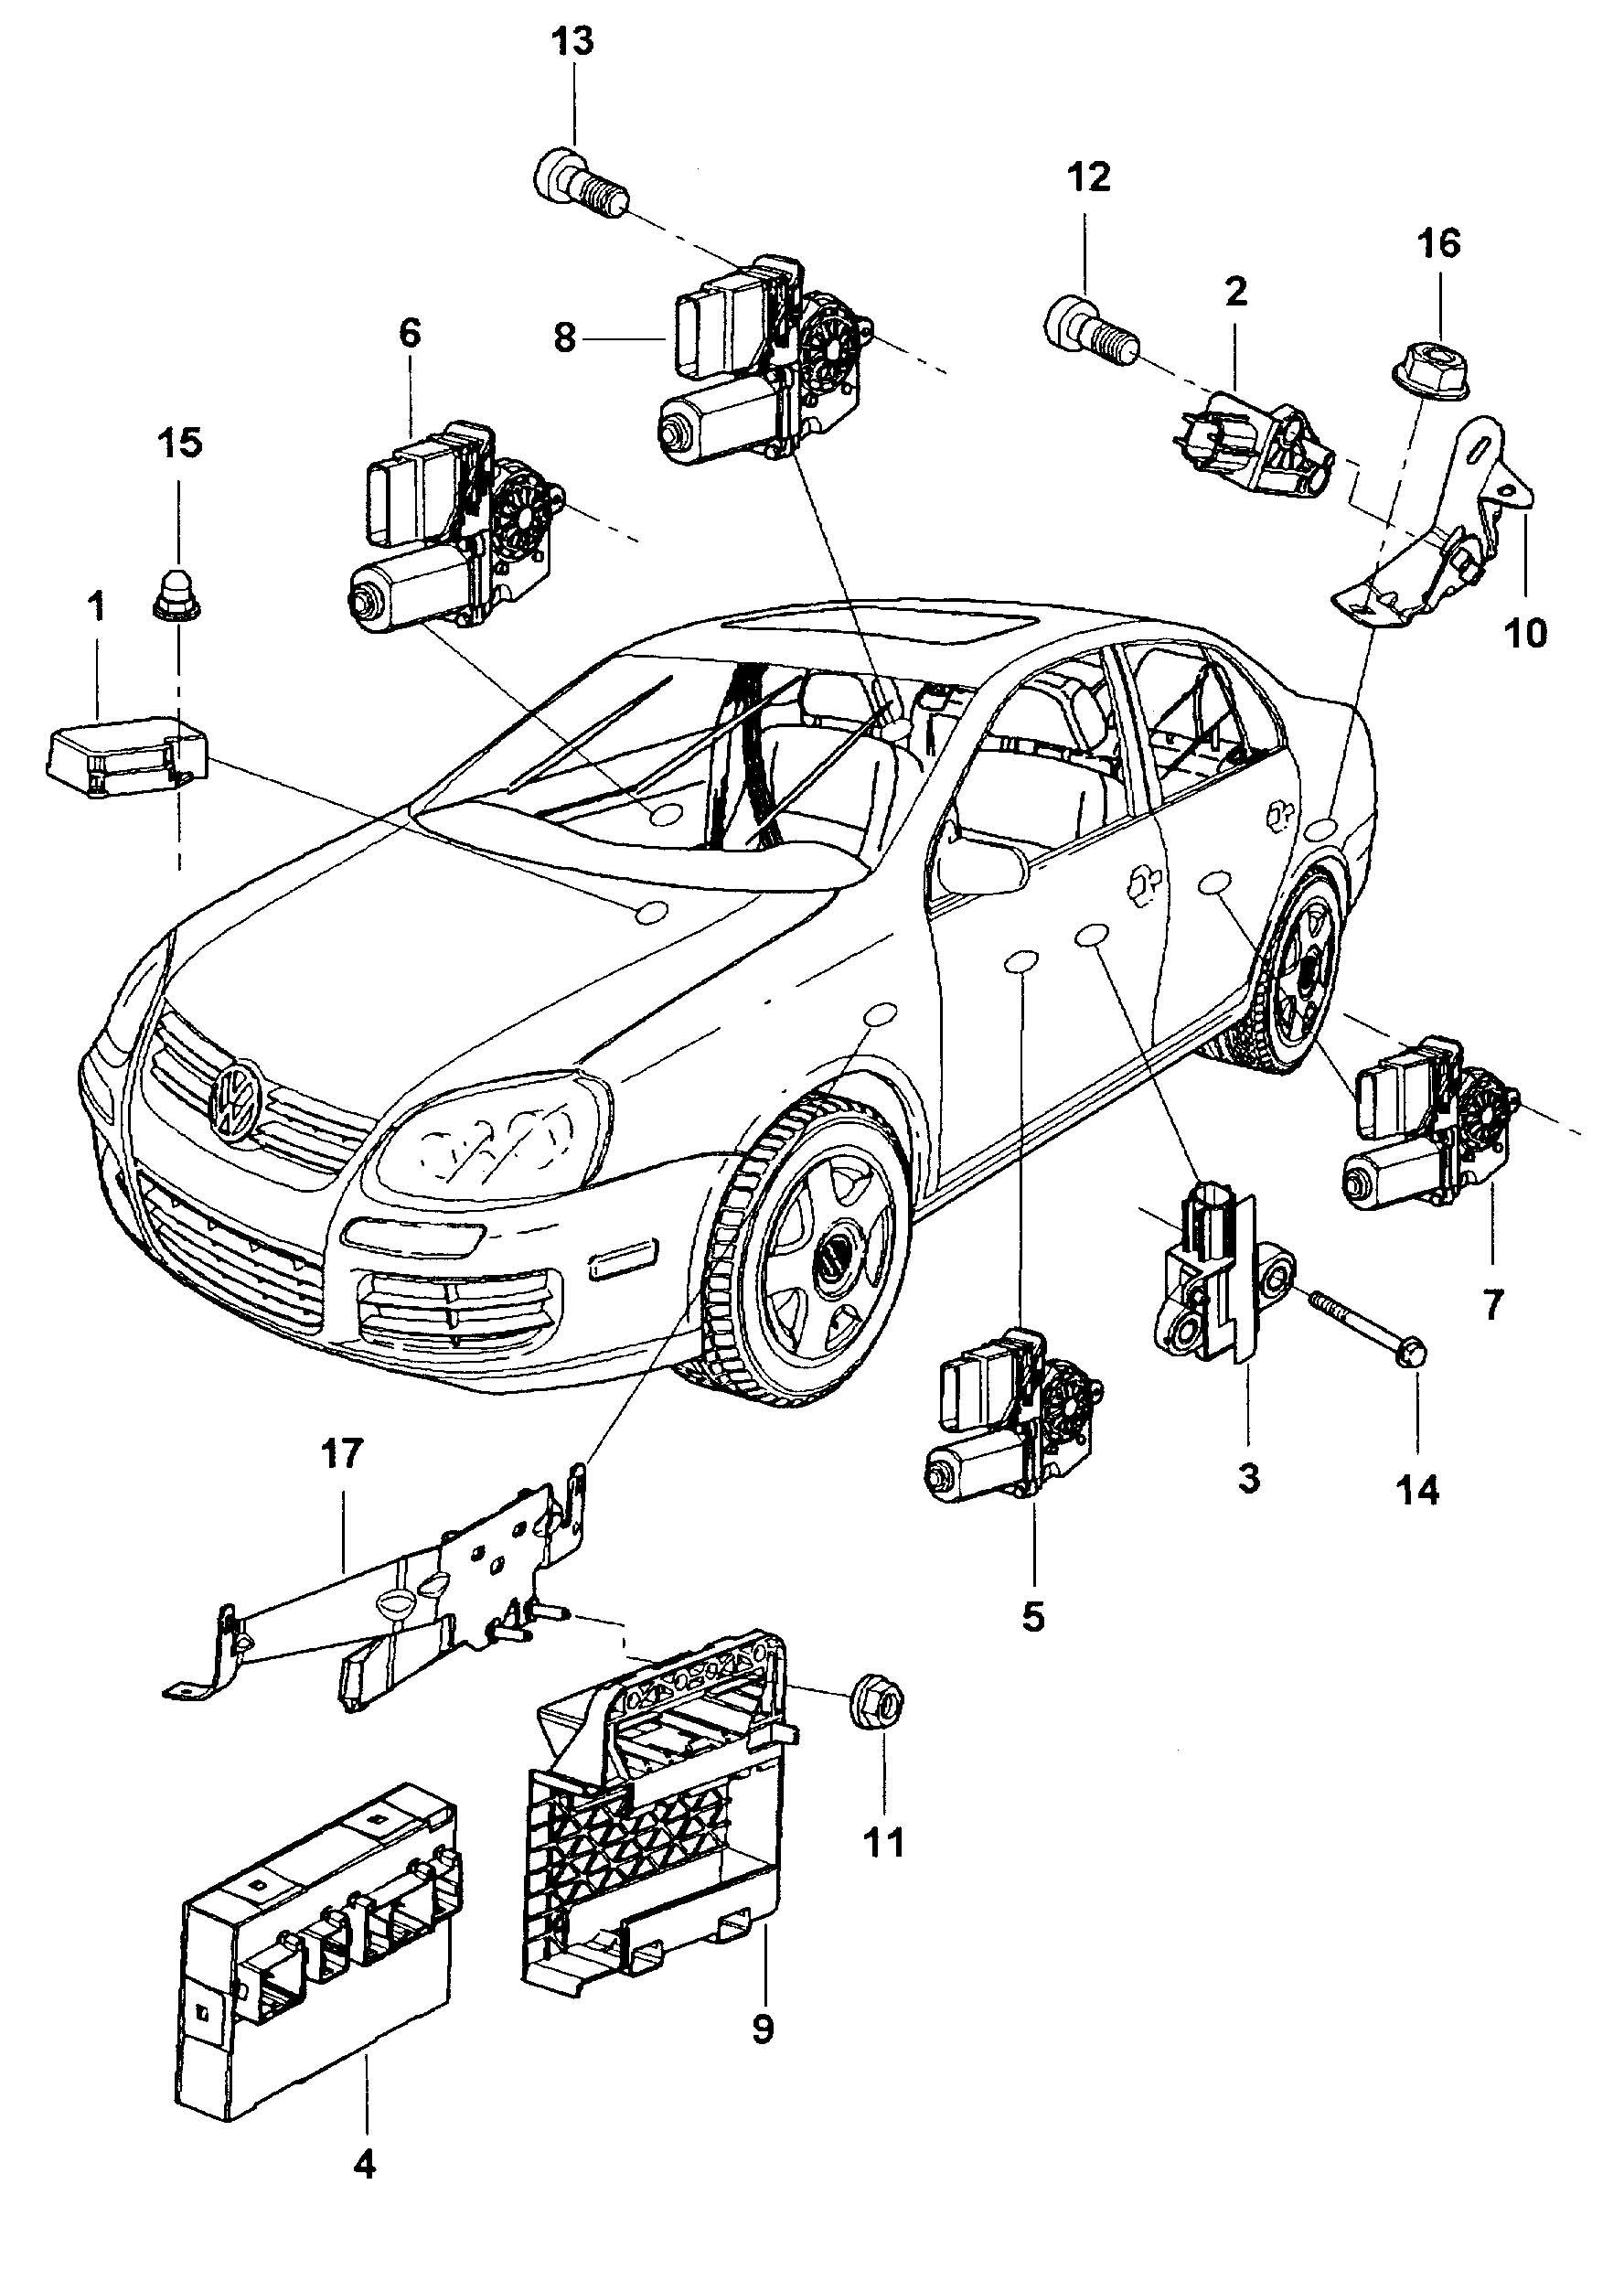 c50t wiring diagram internet of things diagrams